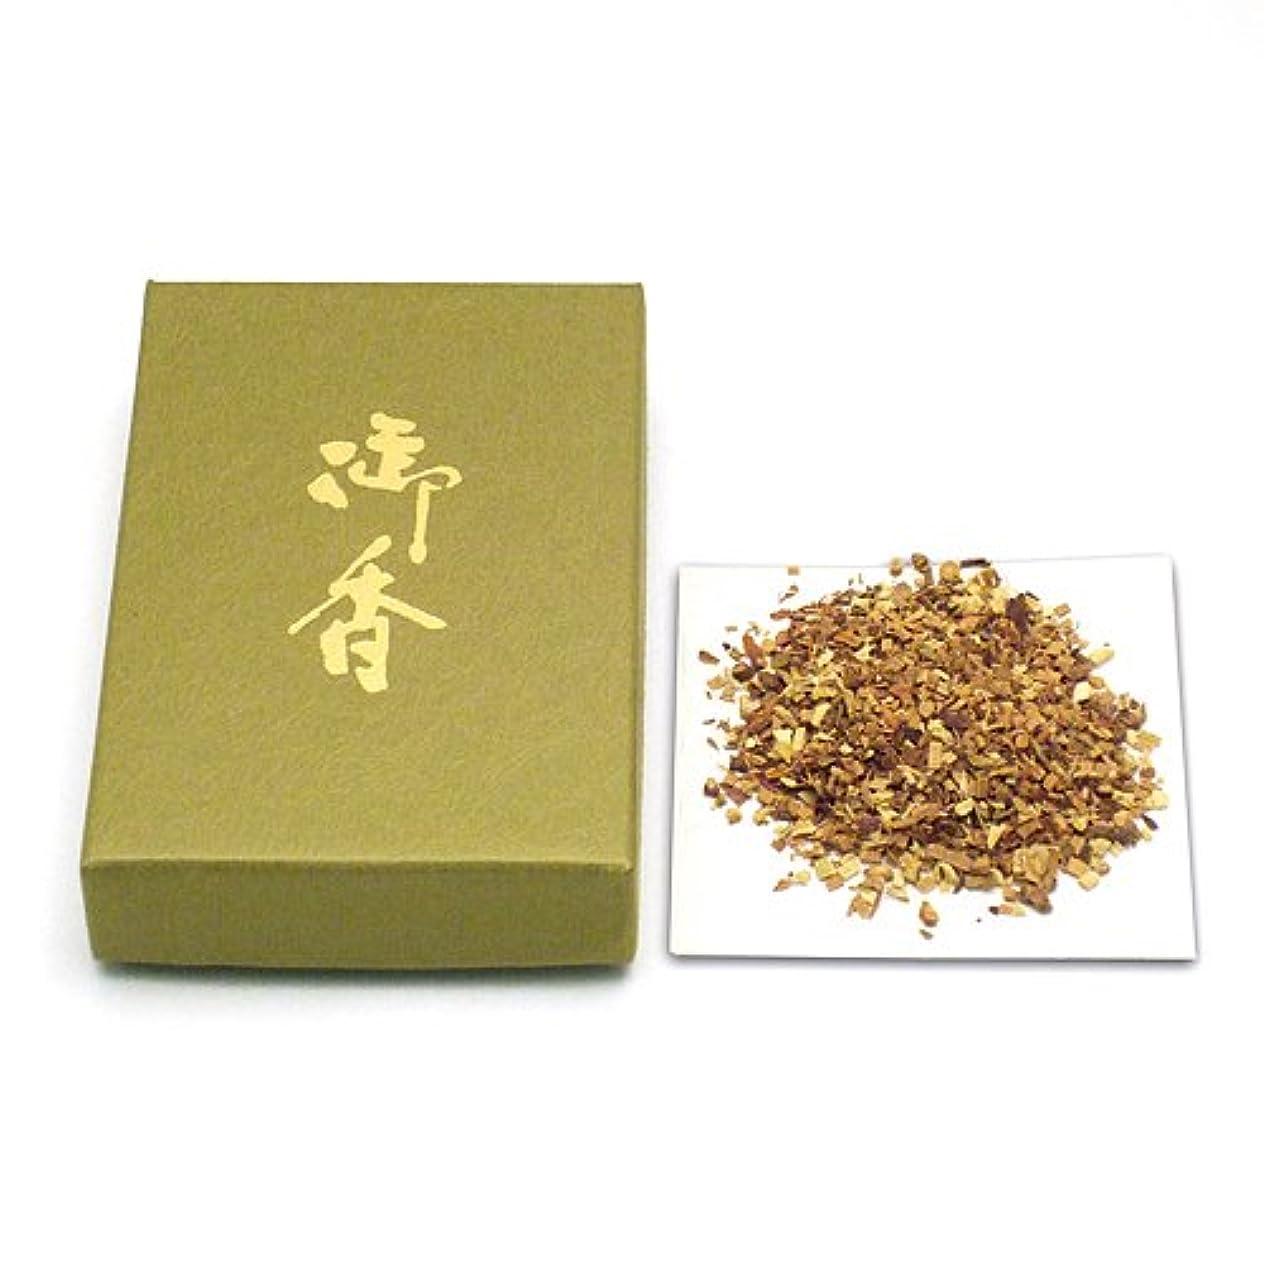 害虫ロードハウスたぶん焼香用御香 好薫印 25g◆お焼香用の御香